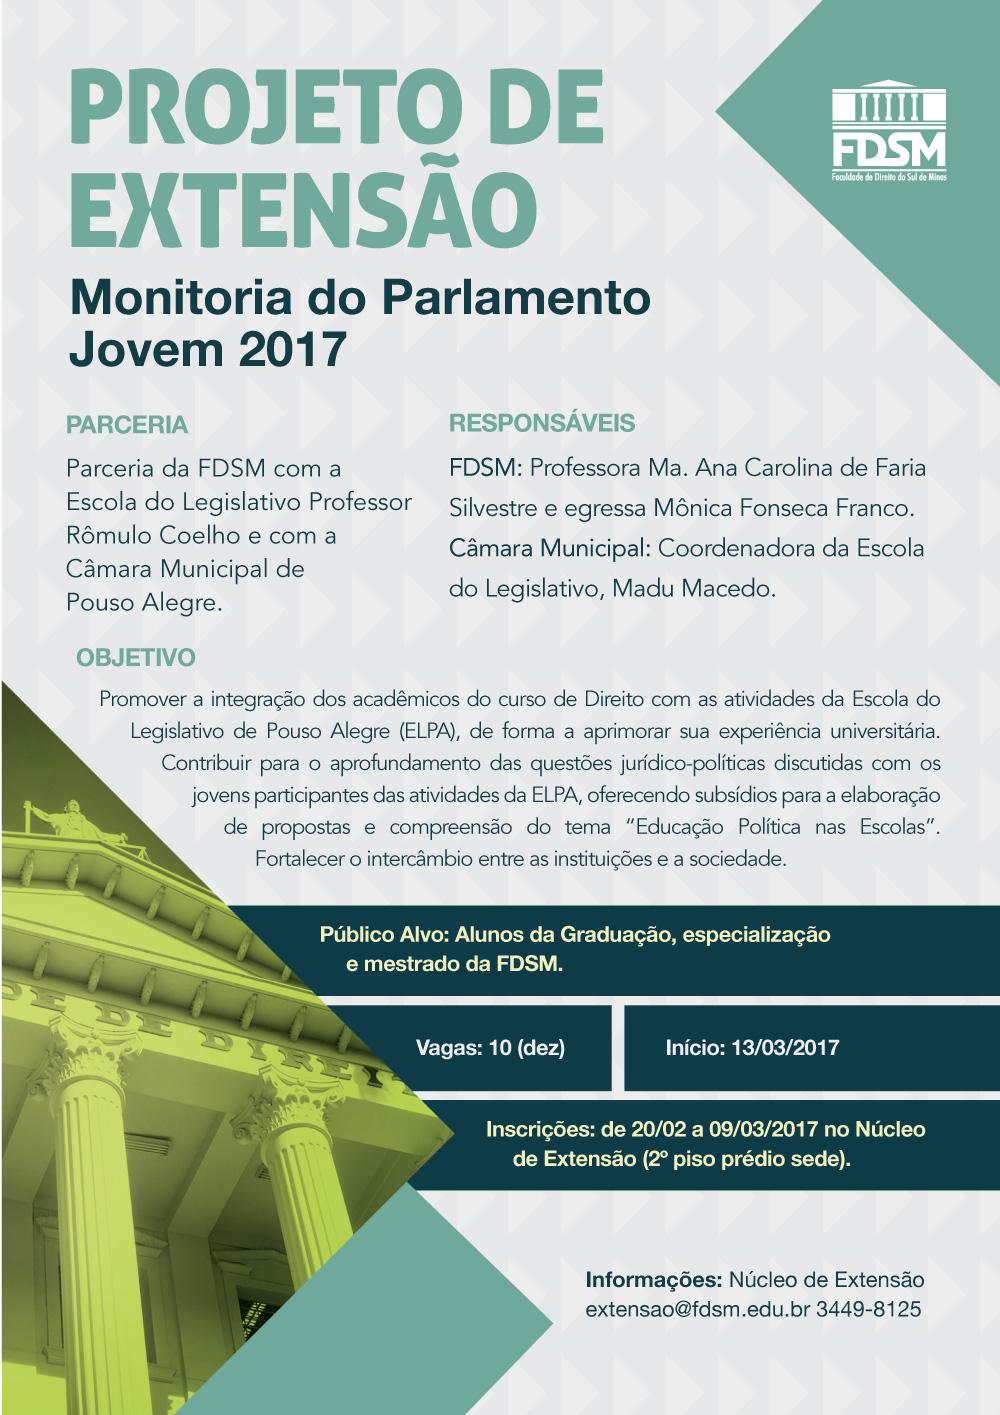 Noticia 3266 - PROJETO DE EXTENSÃO: MONITORIA DO PARLAMENTO JOVEM 2017